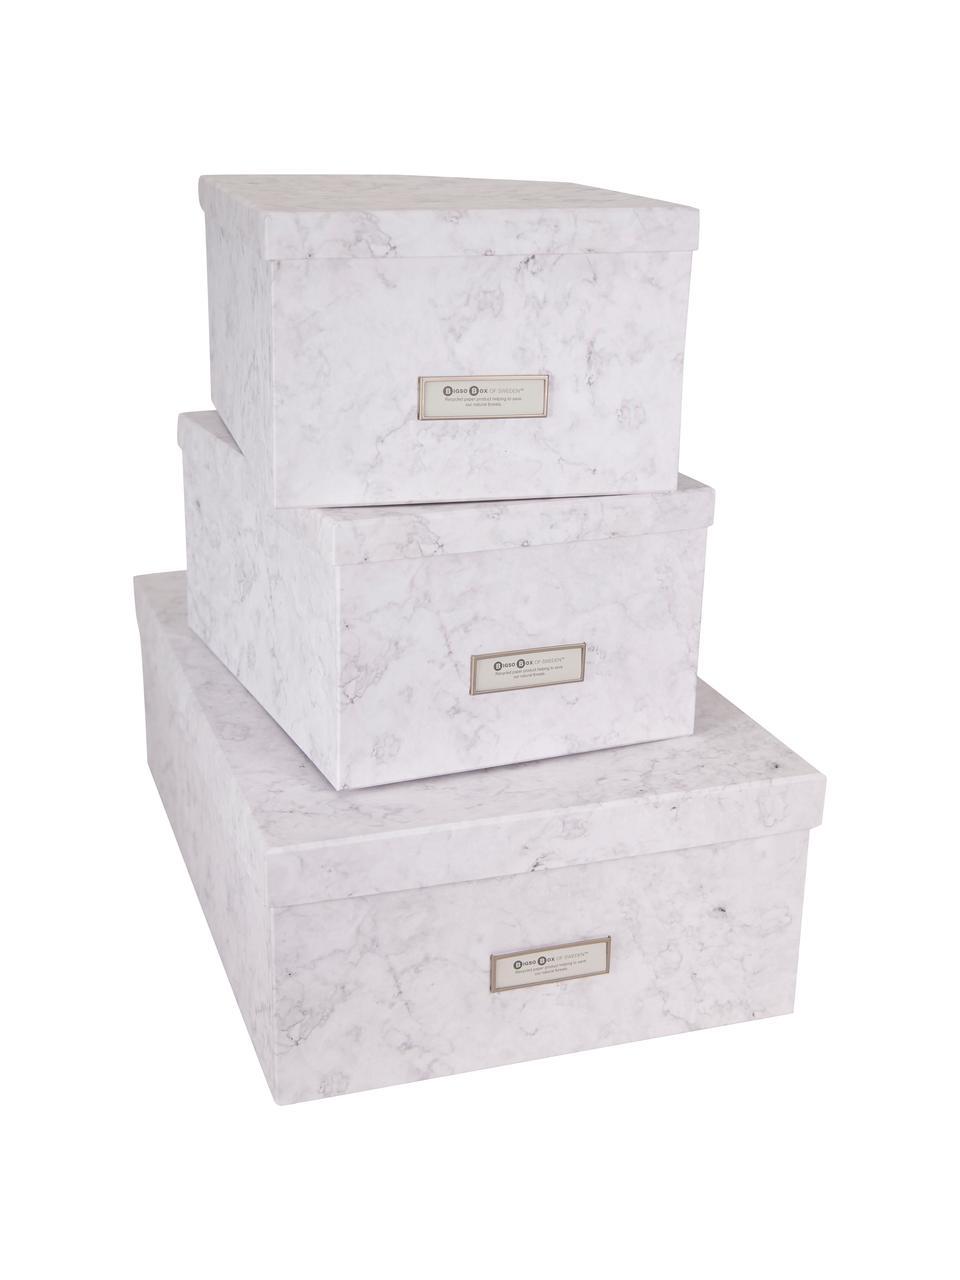 Set 3 scatole Inge, Scatola: solido, cartone laminato, Bianco marmorizzato, Set in varie misure